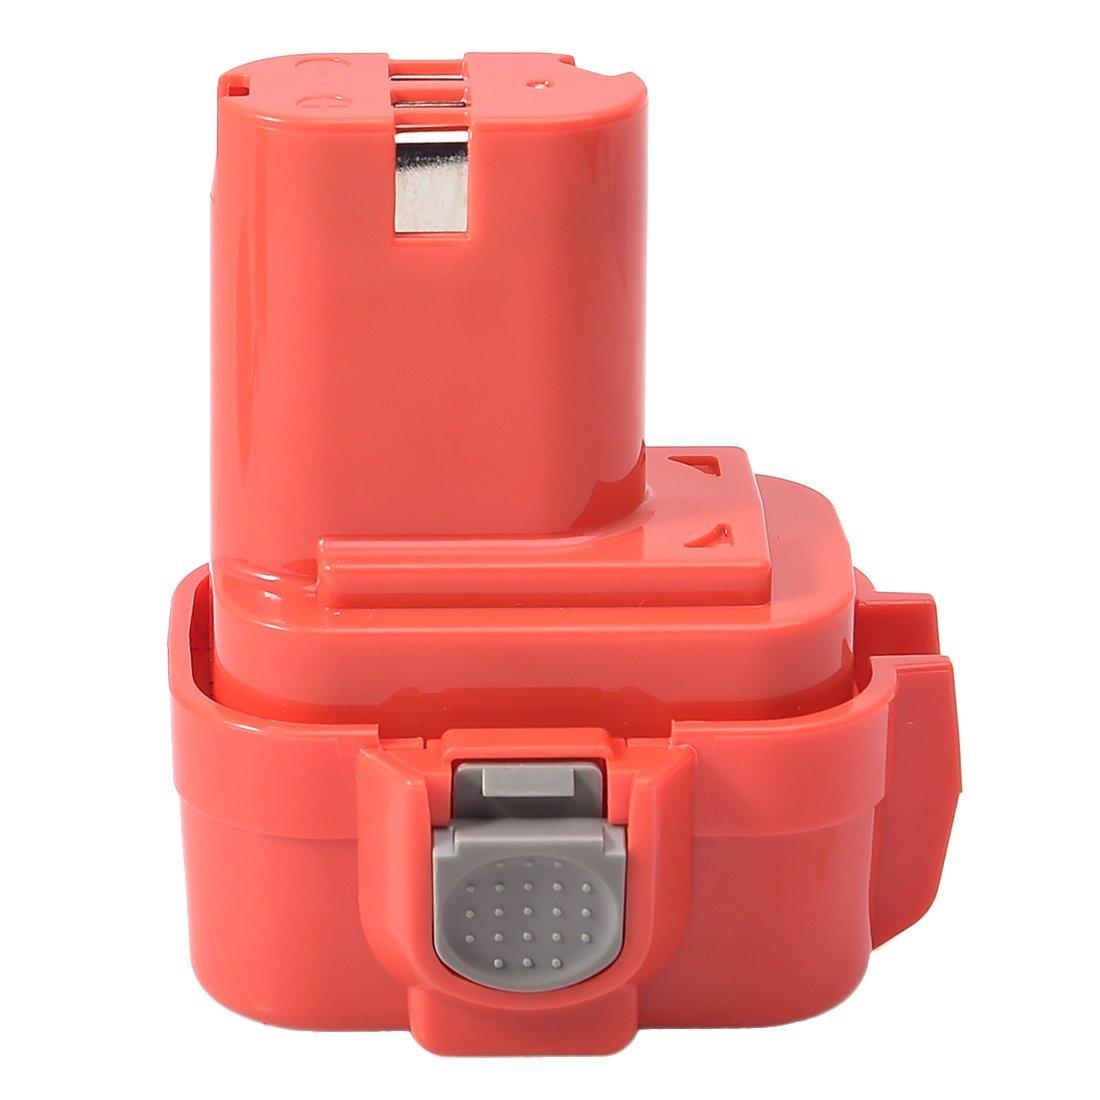 DSTE Ni-MH Power Tool Battery for Makita 192595-8 192596-6 192638-6 193977-7 638344-4-2 9120 9122